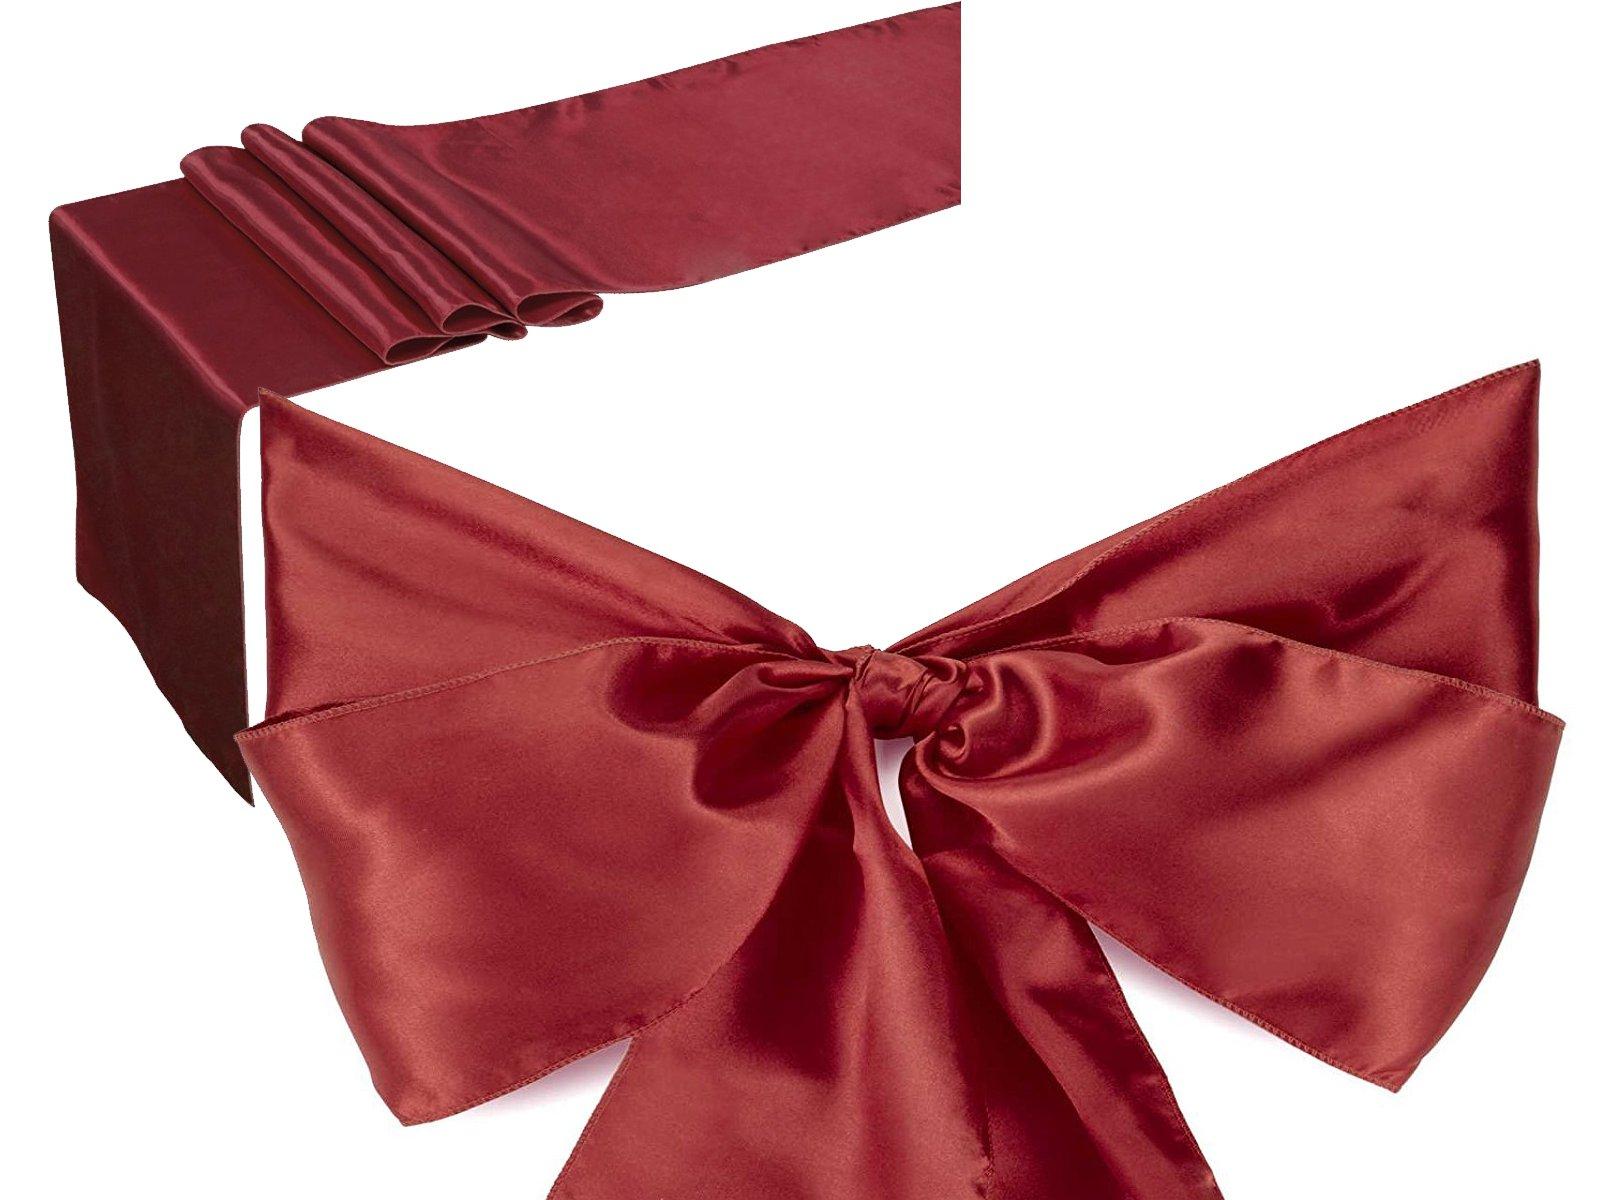 Elina Home Burgundy Satin 5 Table Runner & 25 Combo of TableRunner & Chair Bow Sash for Wedding